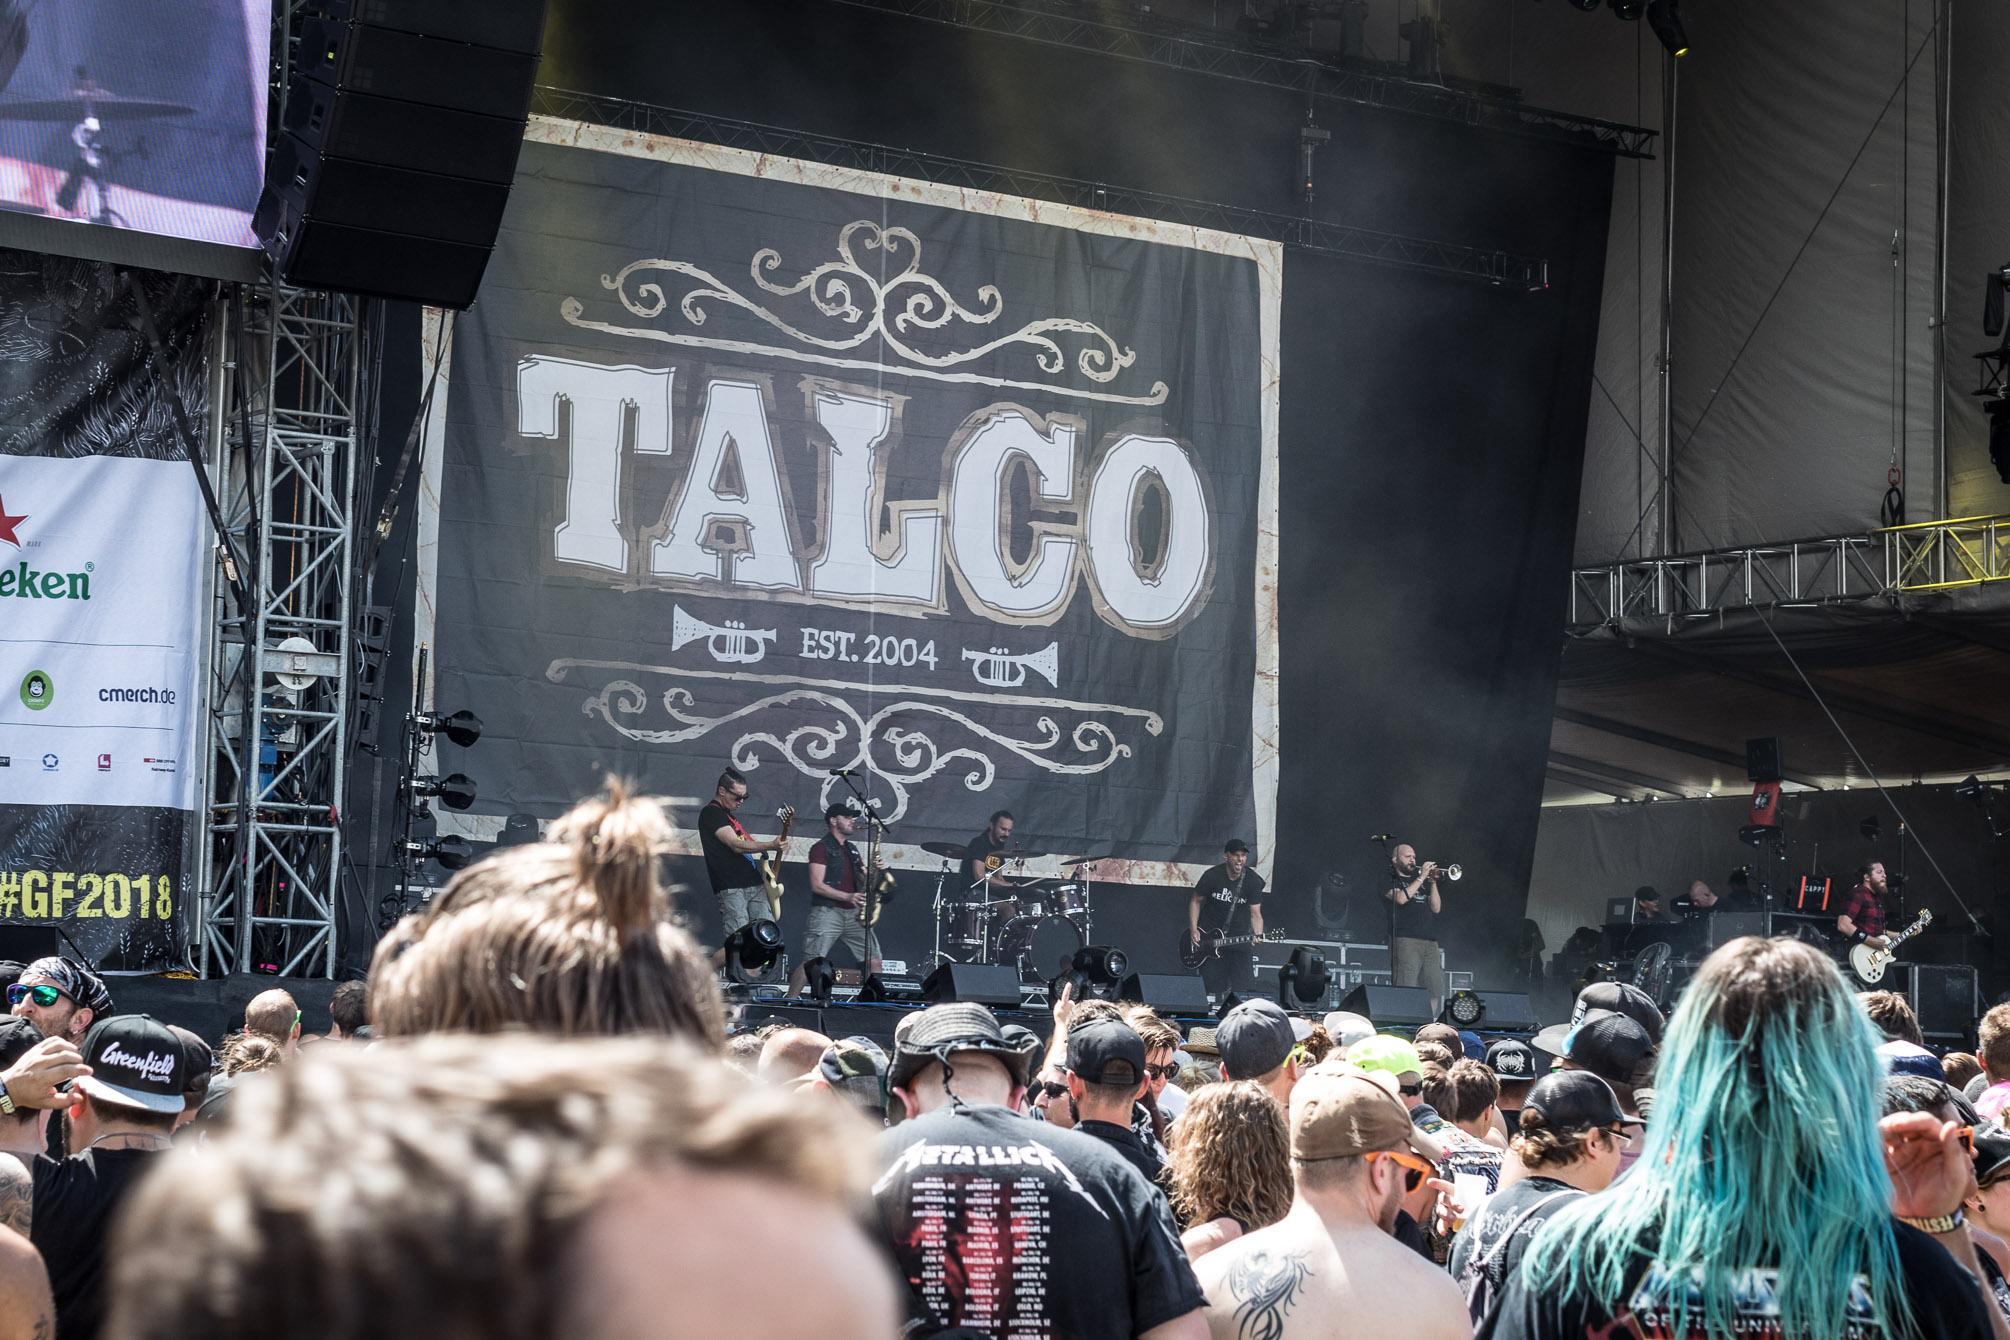 2018_06_Talco_0111